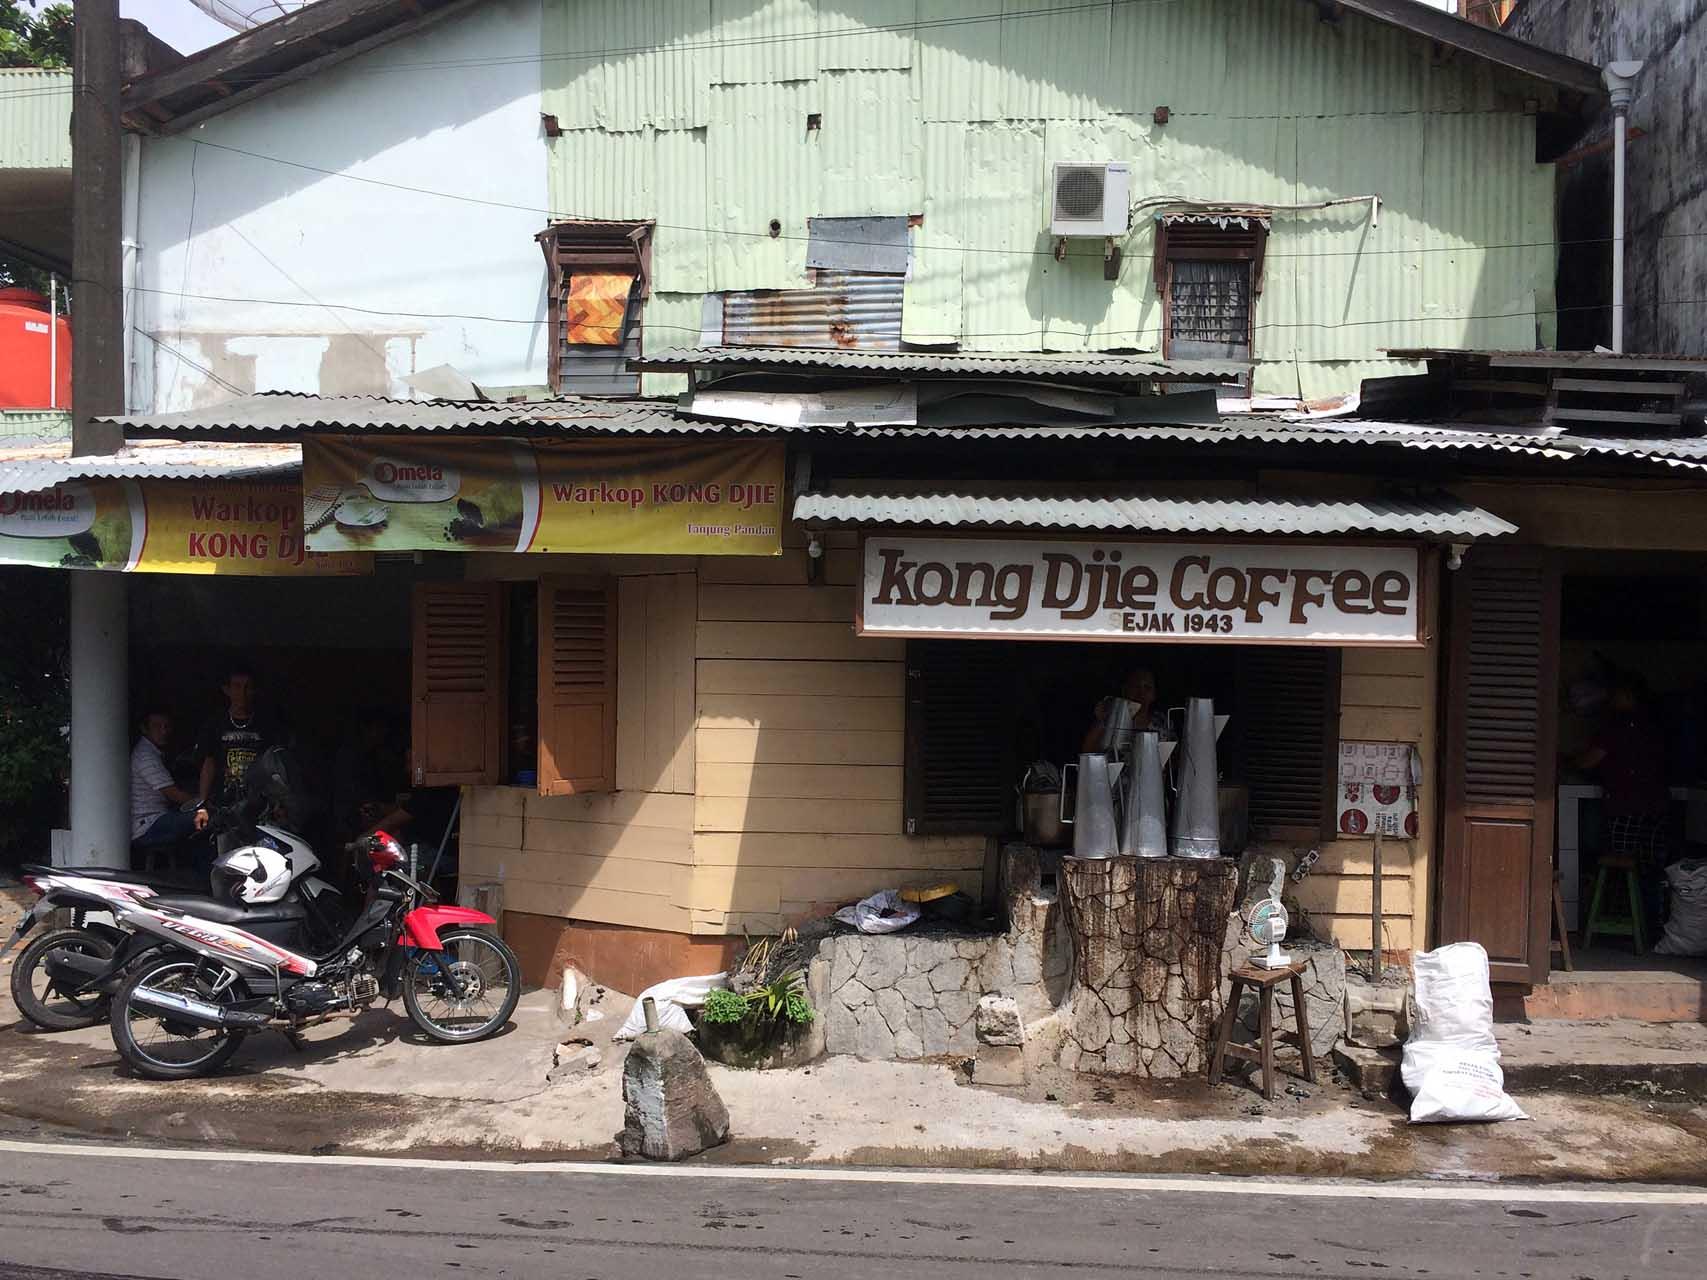 kong-djie-coffee-tanjung-pandan-belitung-yopie-pangkey-5